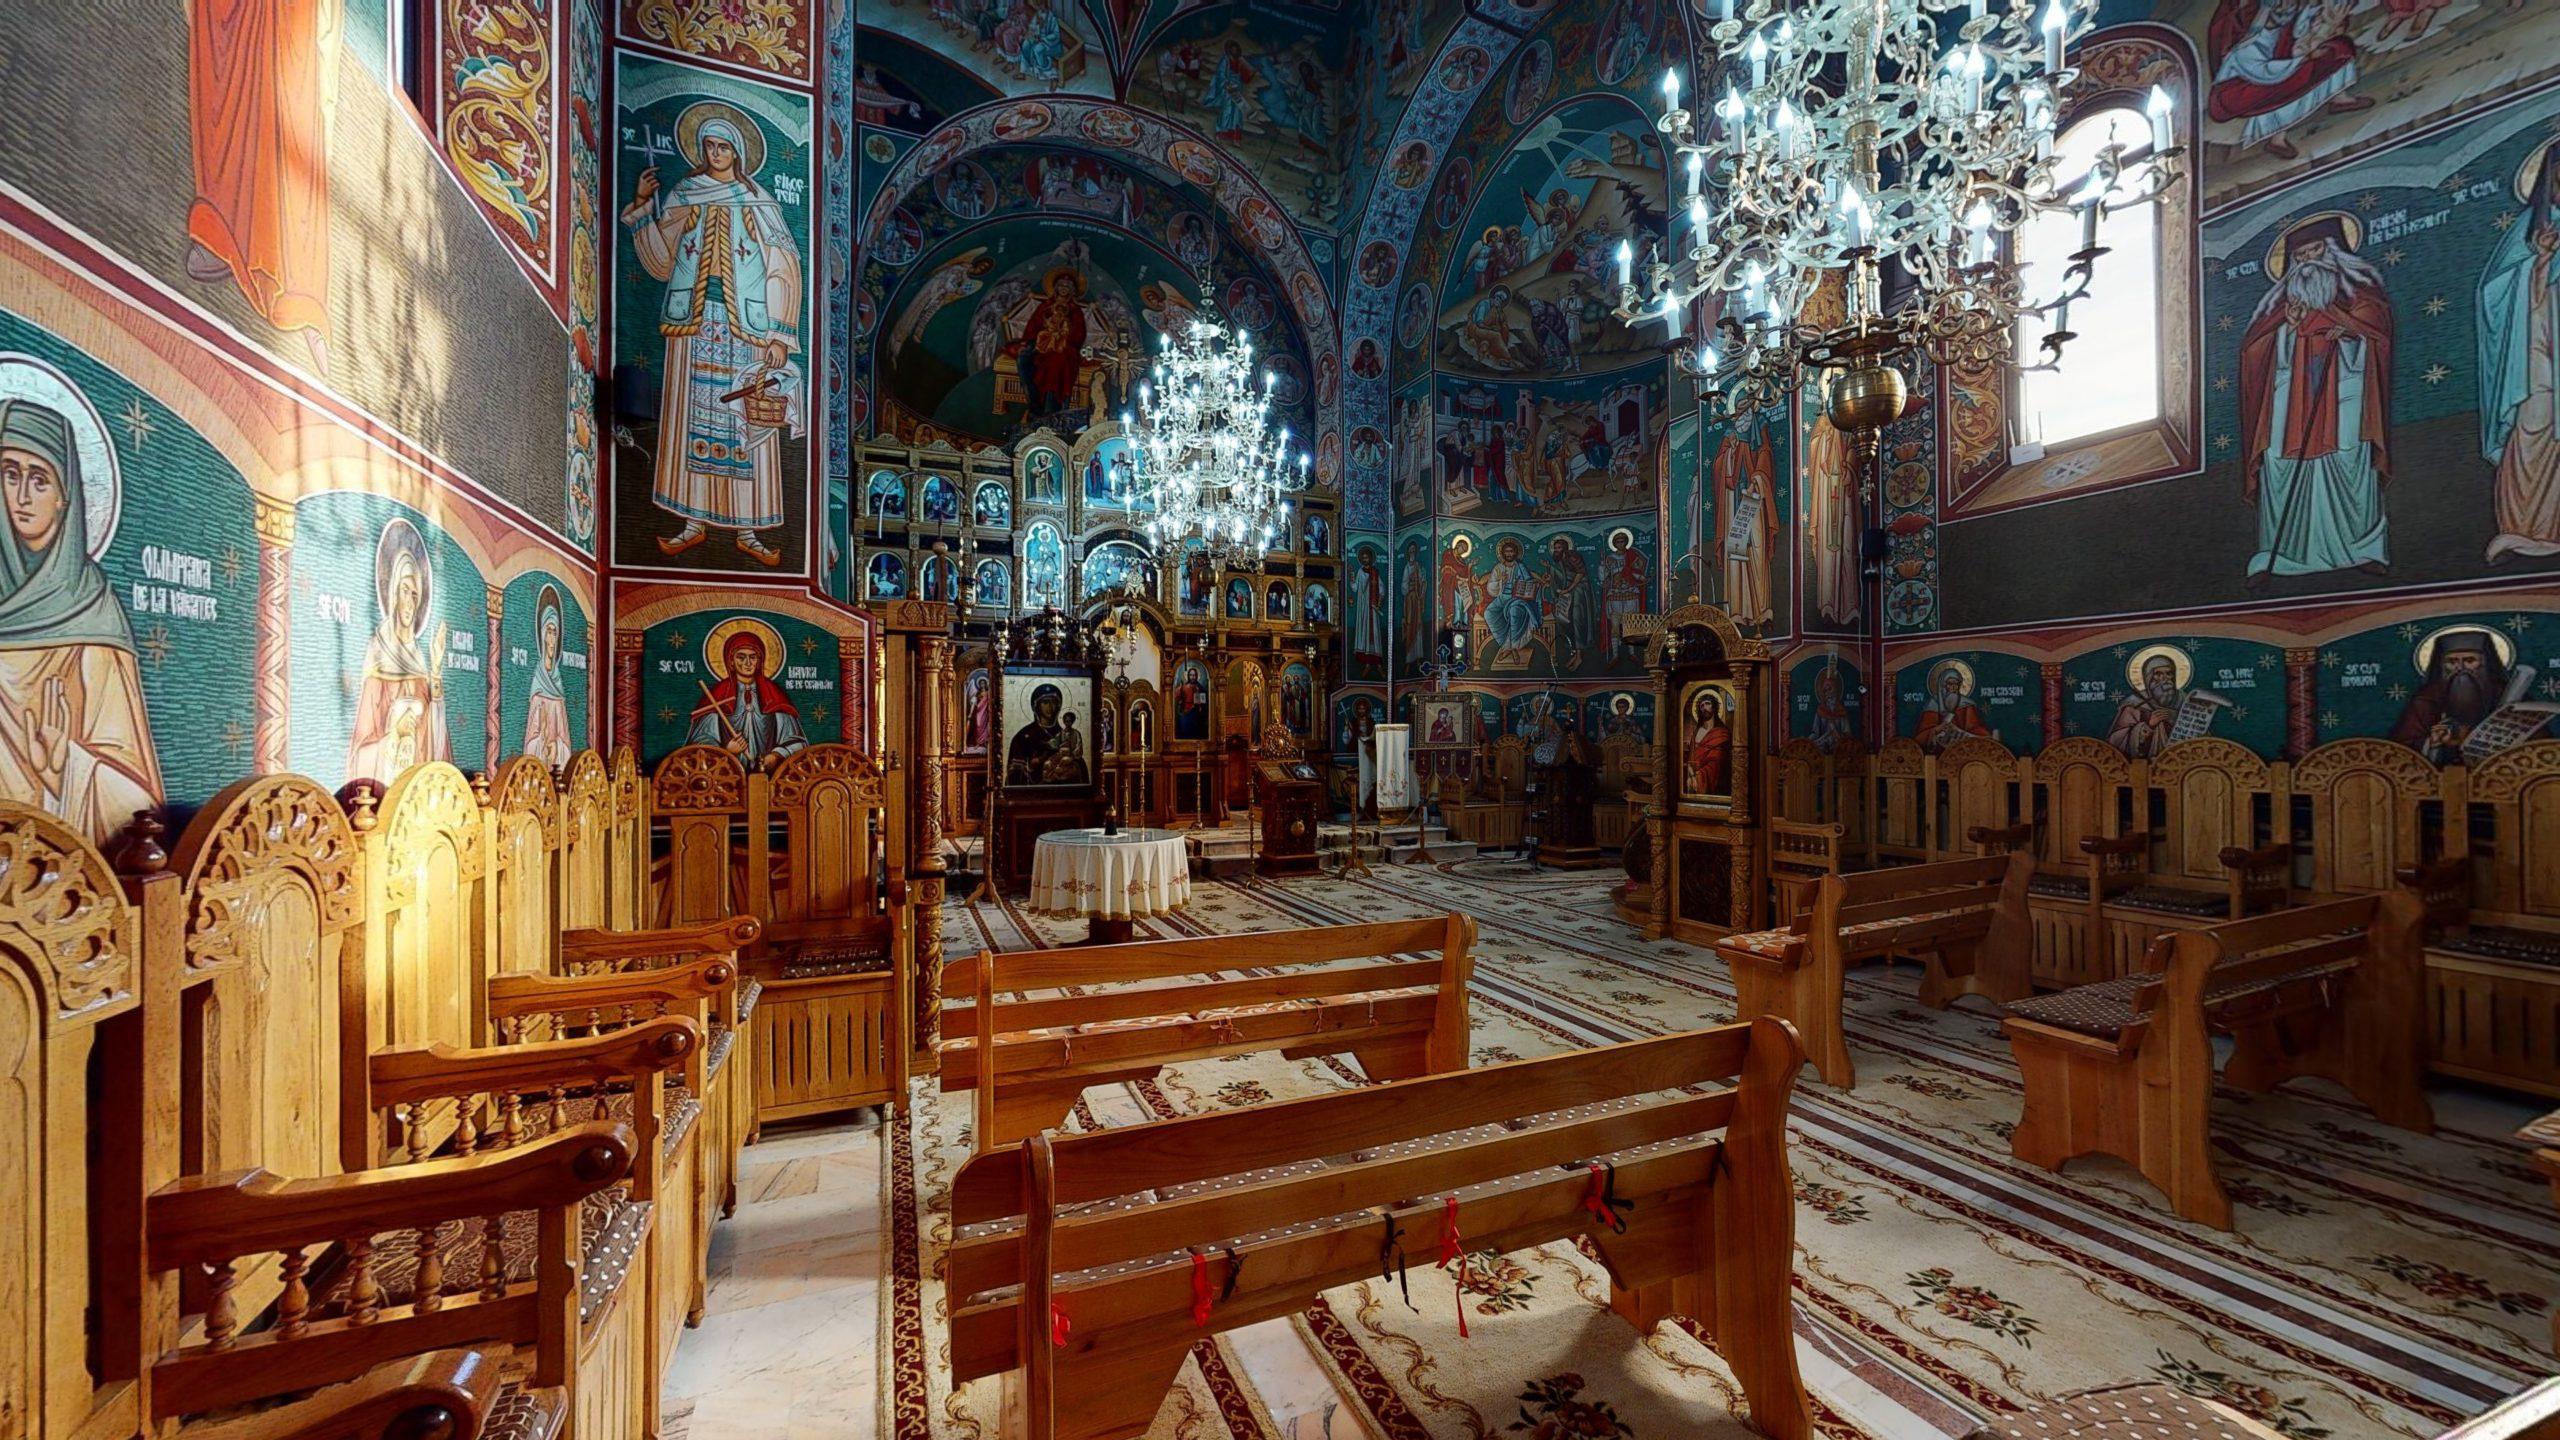 Biserica-Sfintii-Trei-Ierarhi-Flamanzi-11172020_010459